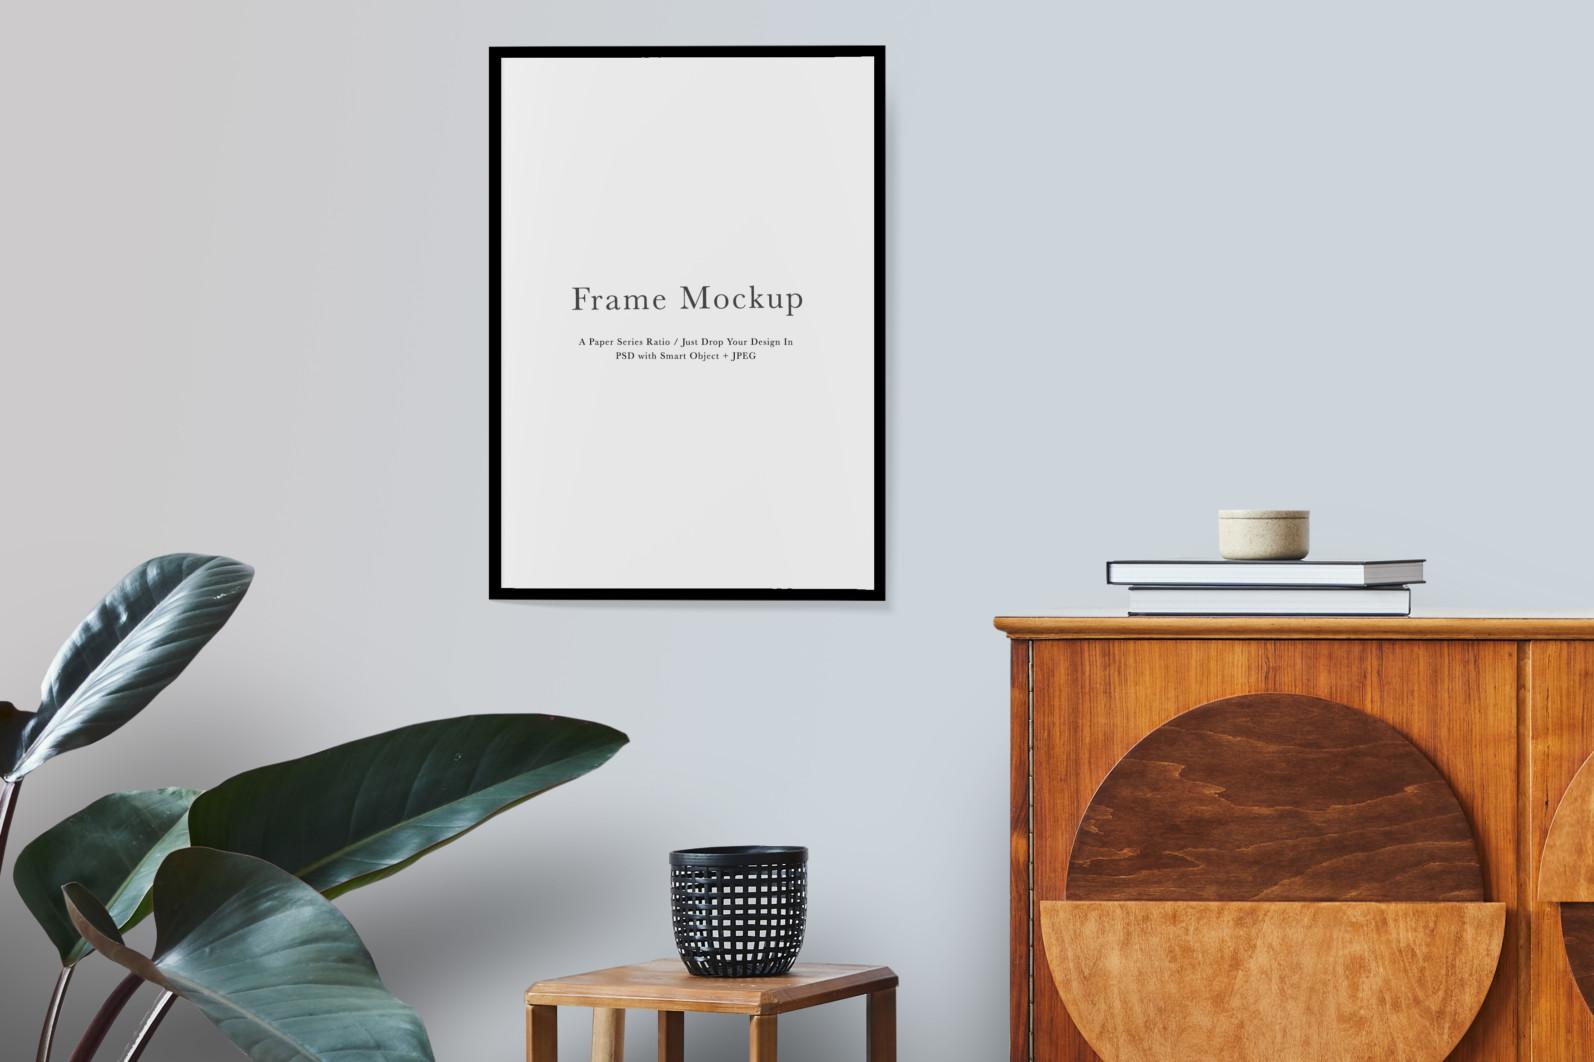 Frame Mockup #1521, Black Portrait Frame Mockup, Living Room Frame Mockup - 1521 Preview 1 scaled -